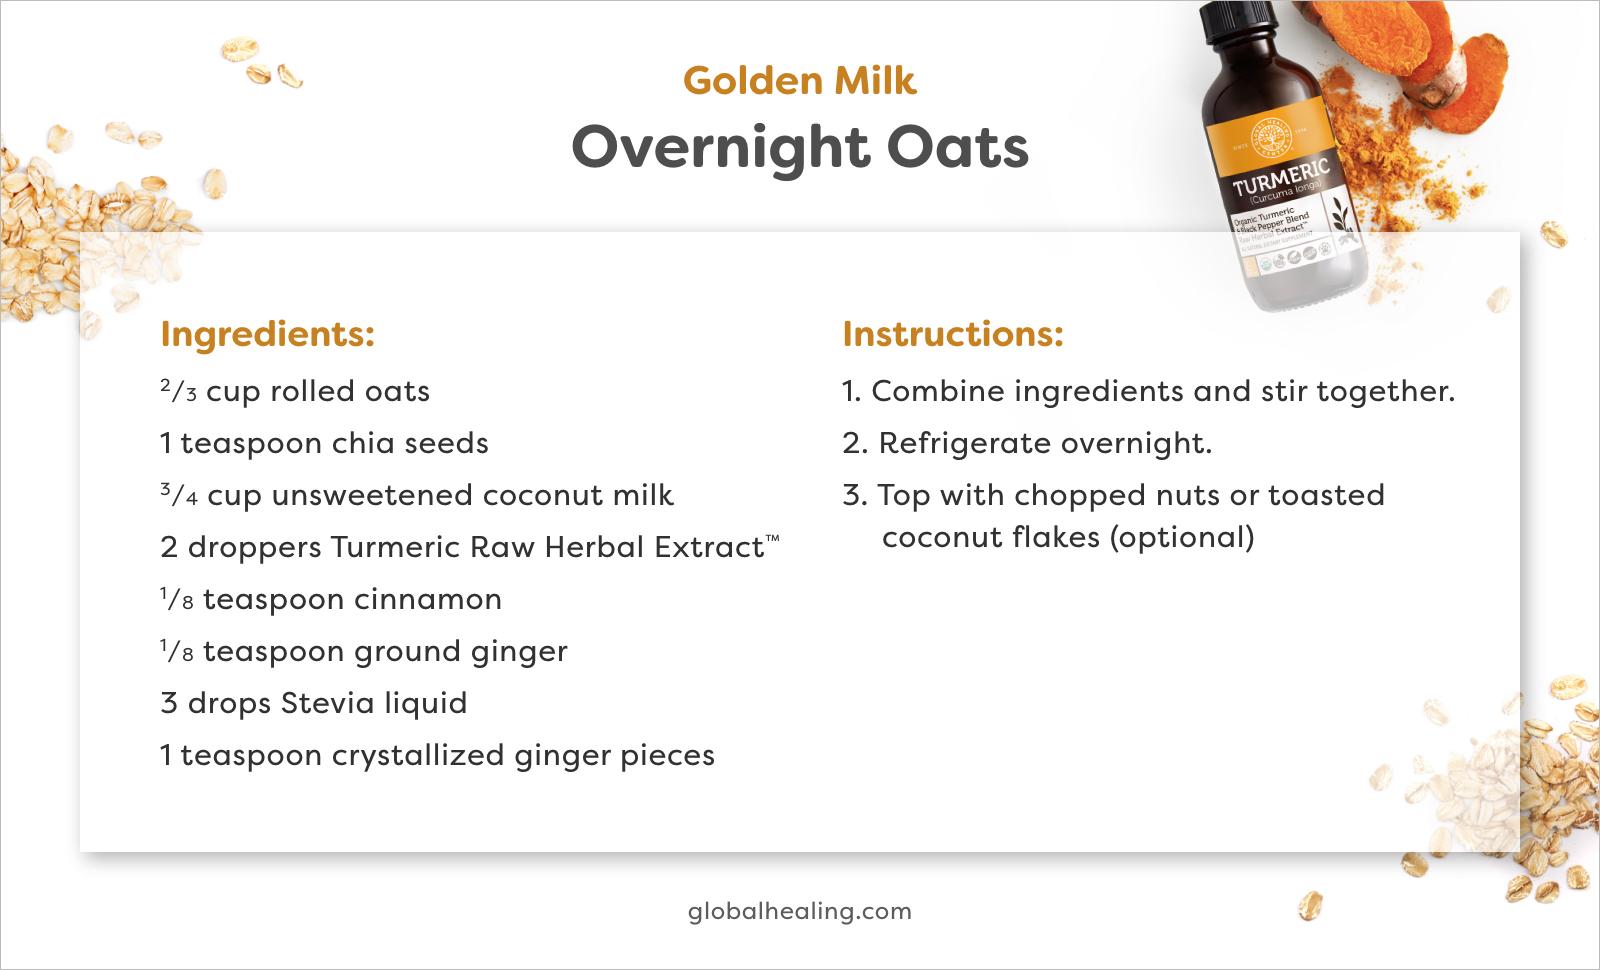 Golden Milk Overnight Oats recipe card.